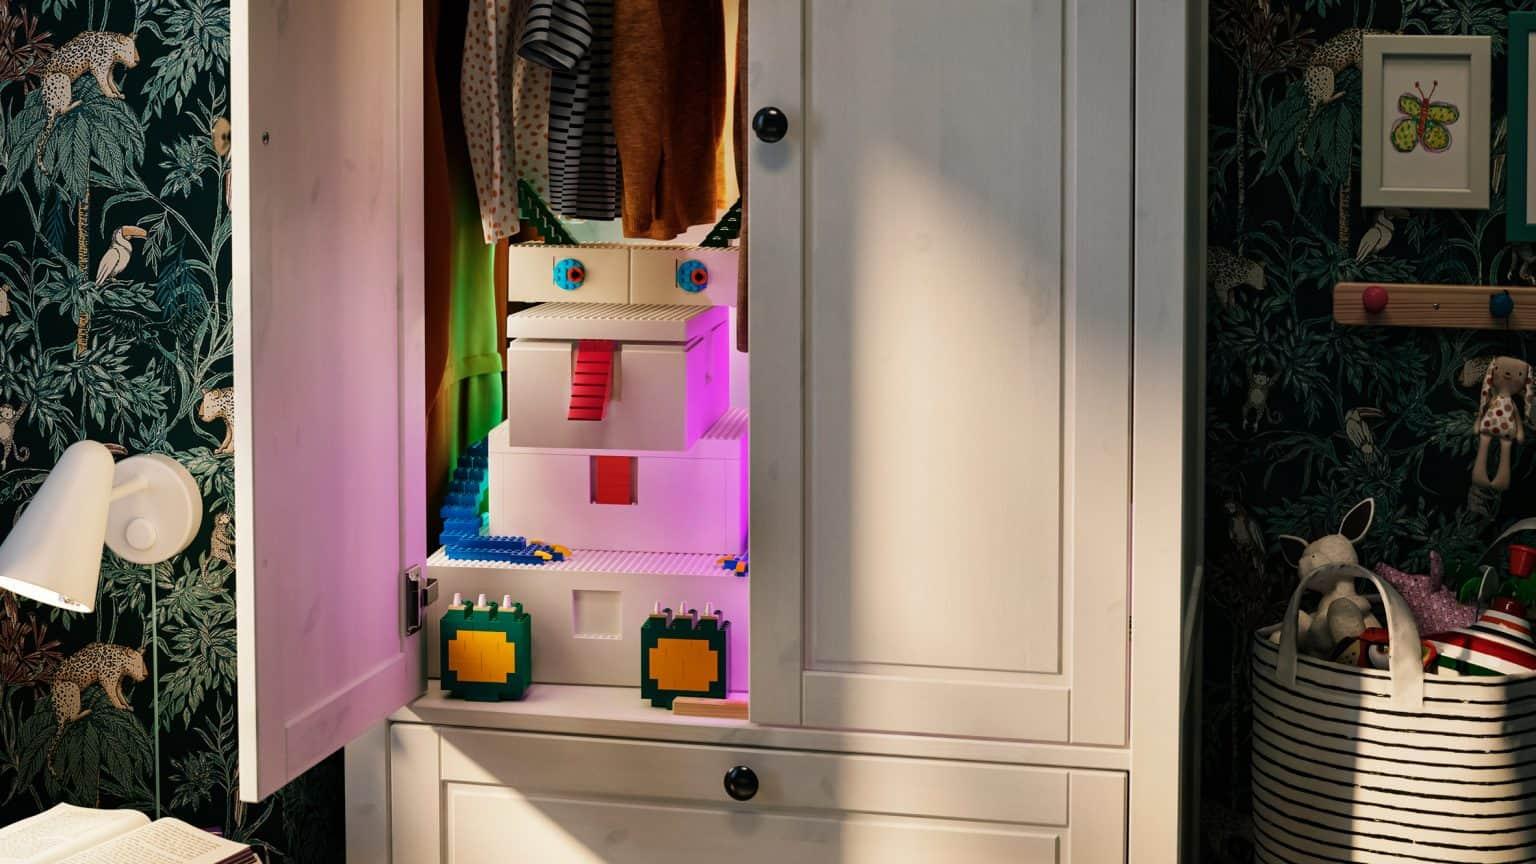 Ikea y LEGO lanzan una colección de cajas juguete ideales para guardar cosas y decorar habitaciones